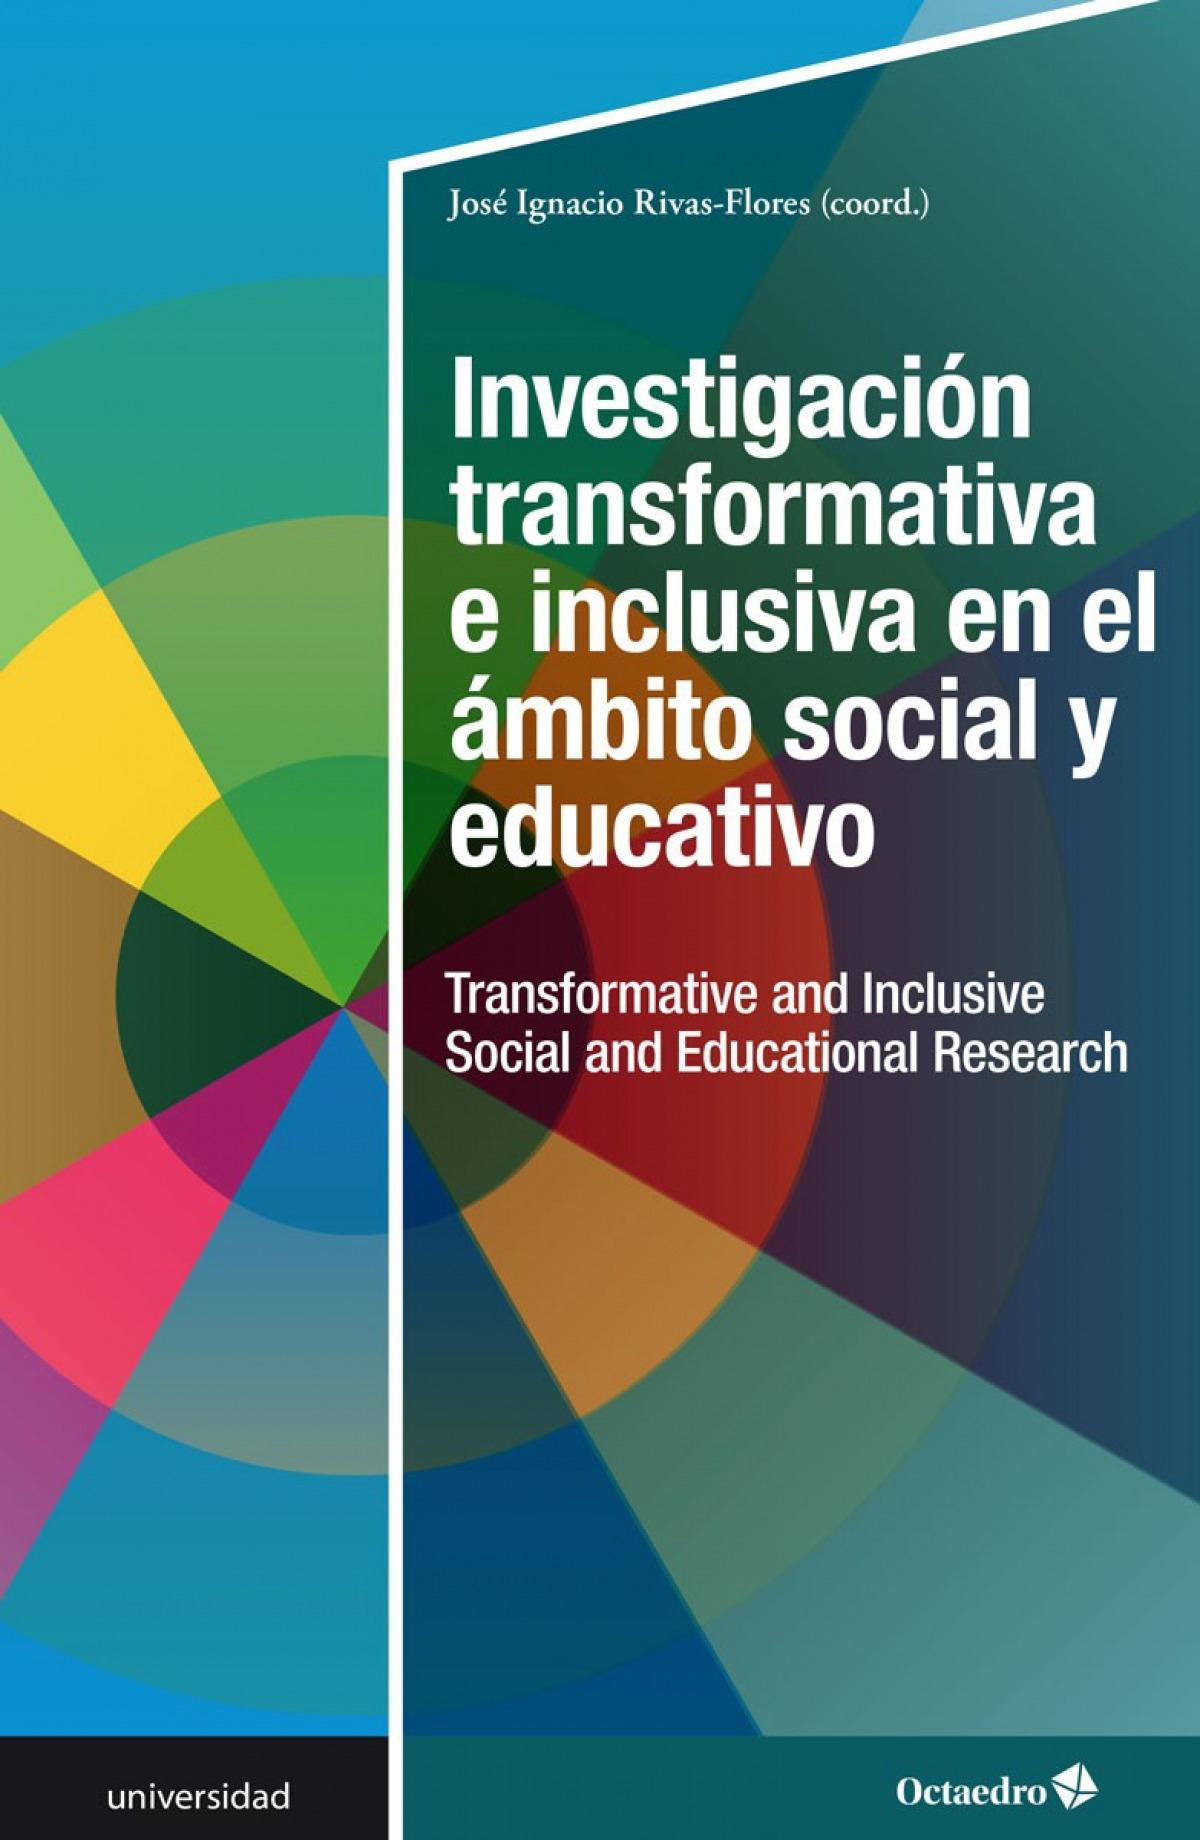 Investigación transformativa e inclusiva en el ámbito social y educativo